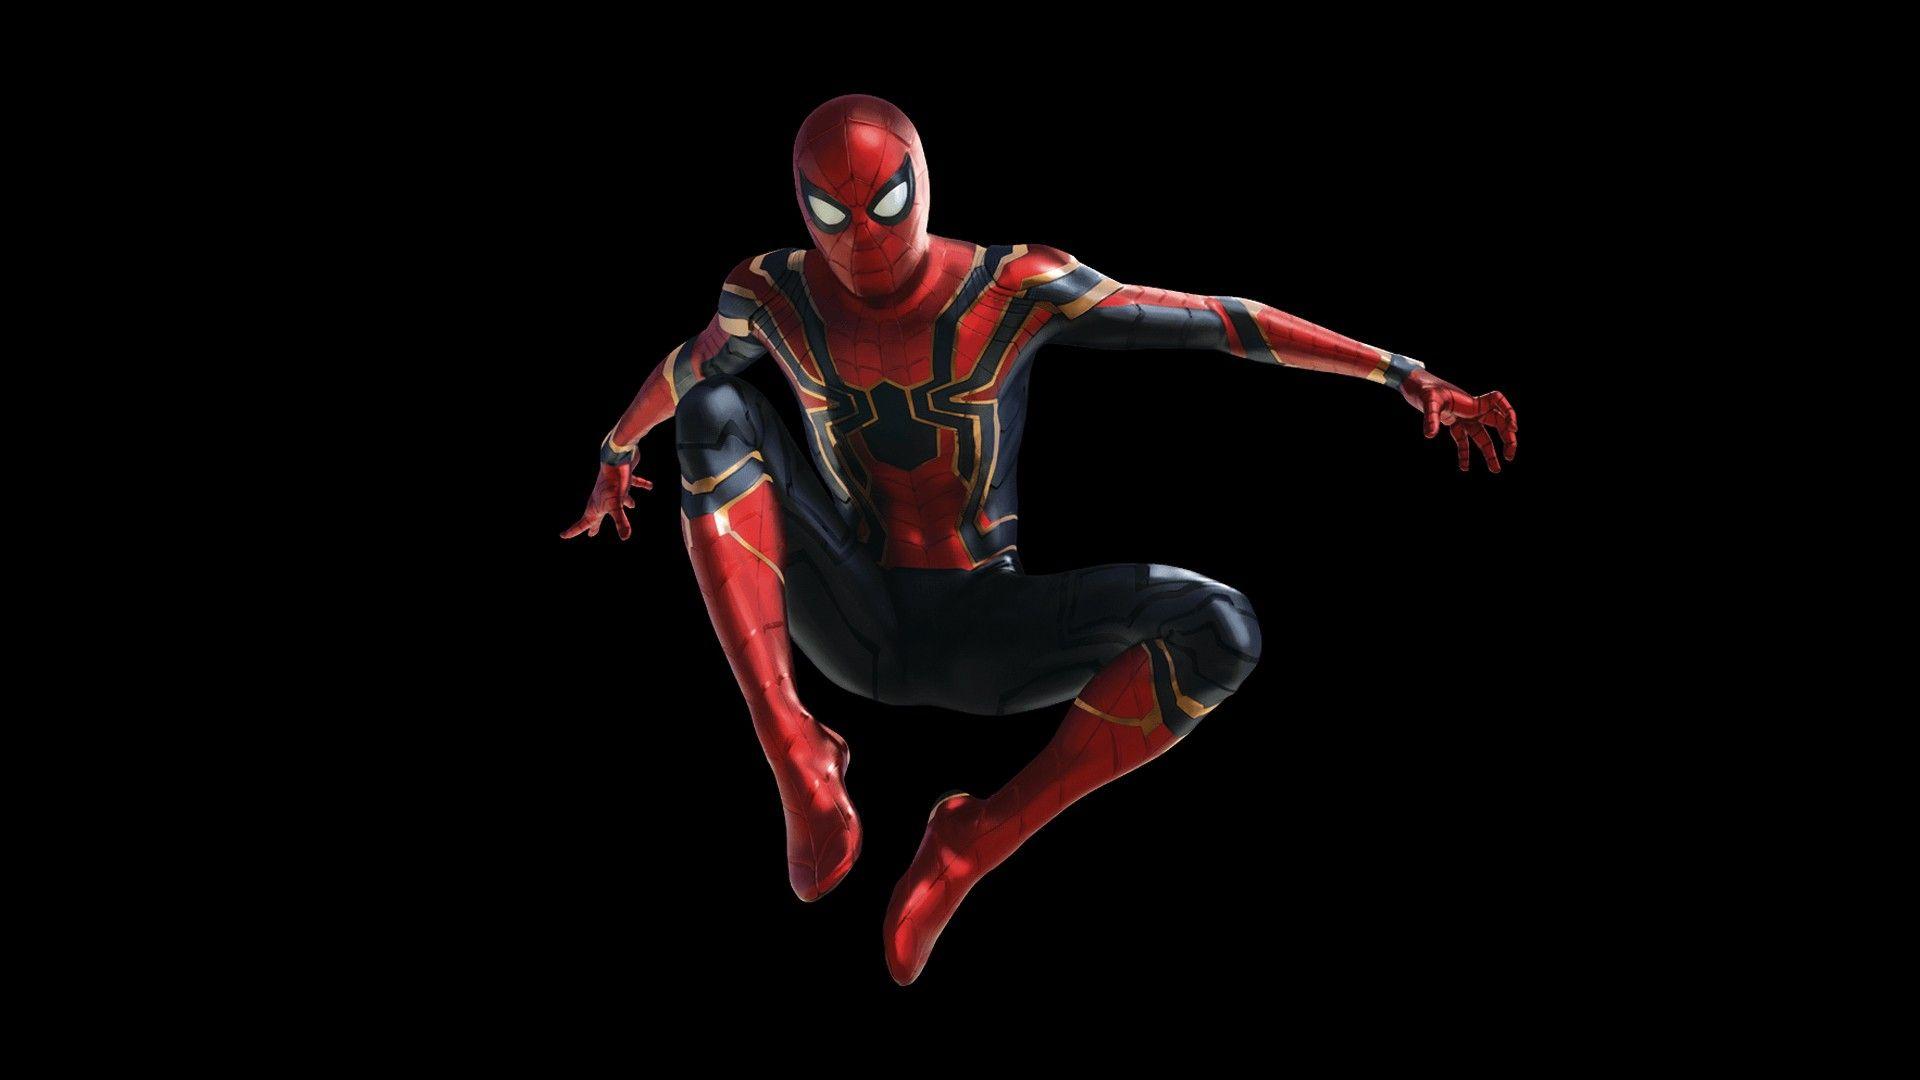 Hasil Gambar Untuk Infinity War Character Spiderman Wallpaper Spider Man Avengers Pahlawan Super